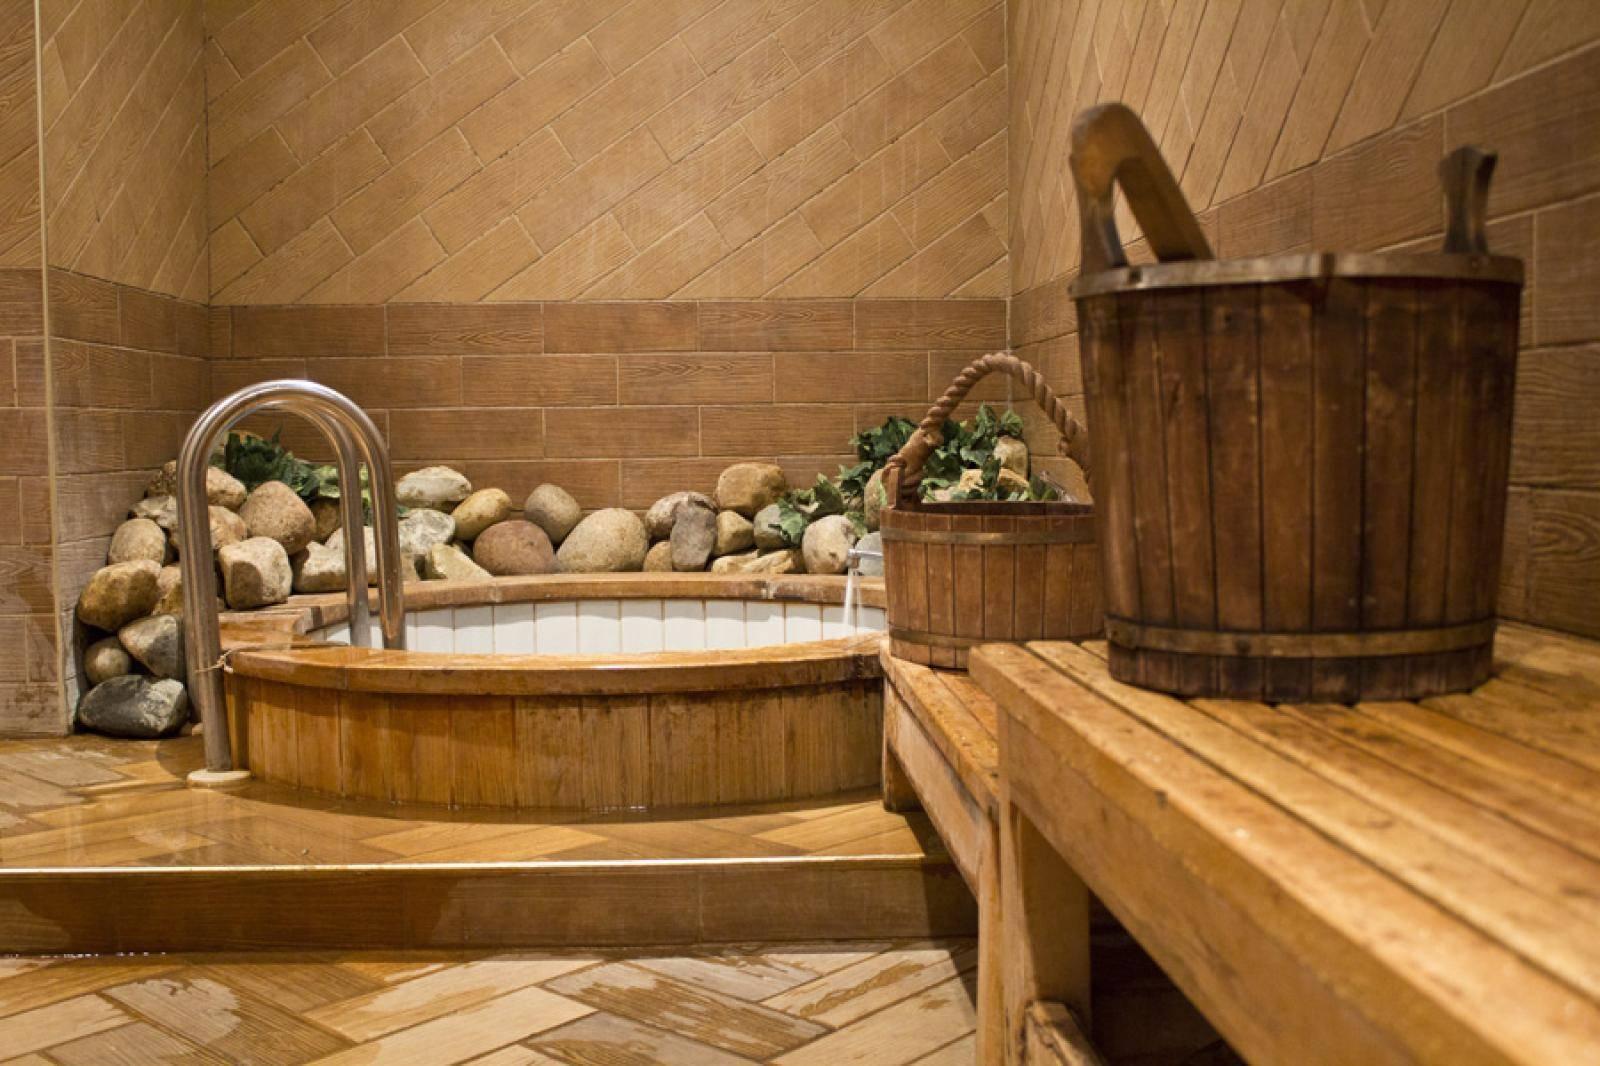 Бассейн в бане своими руками: делаем хорошо и надолго